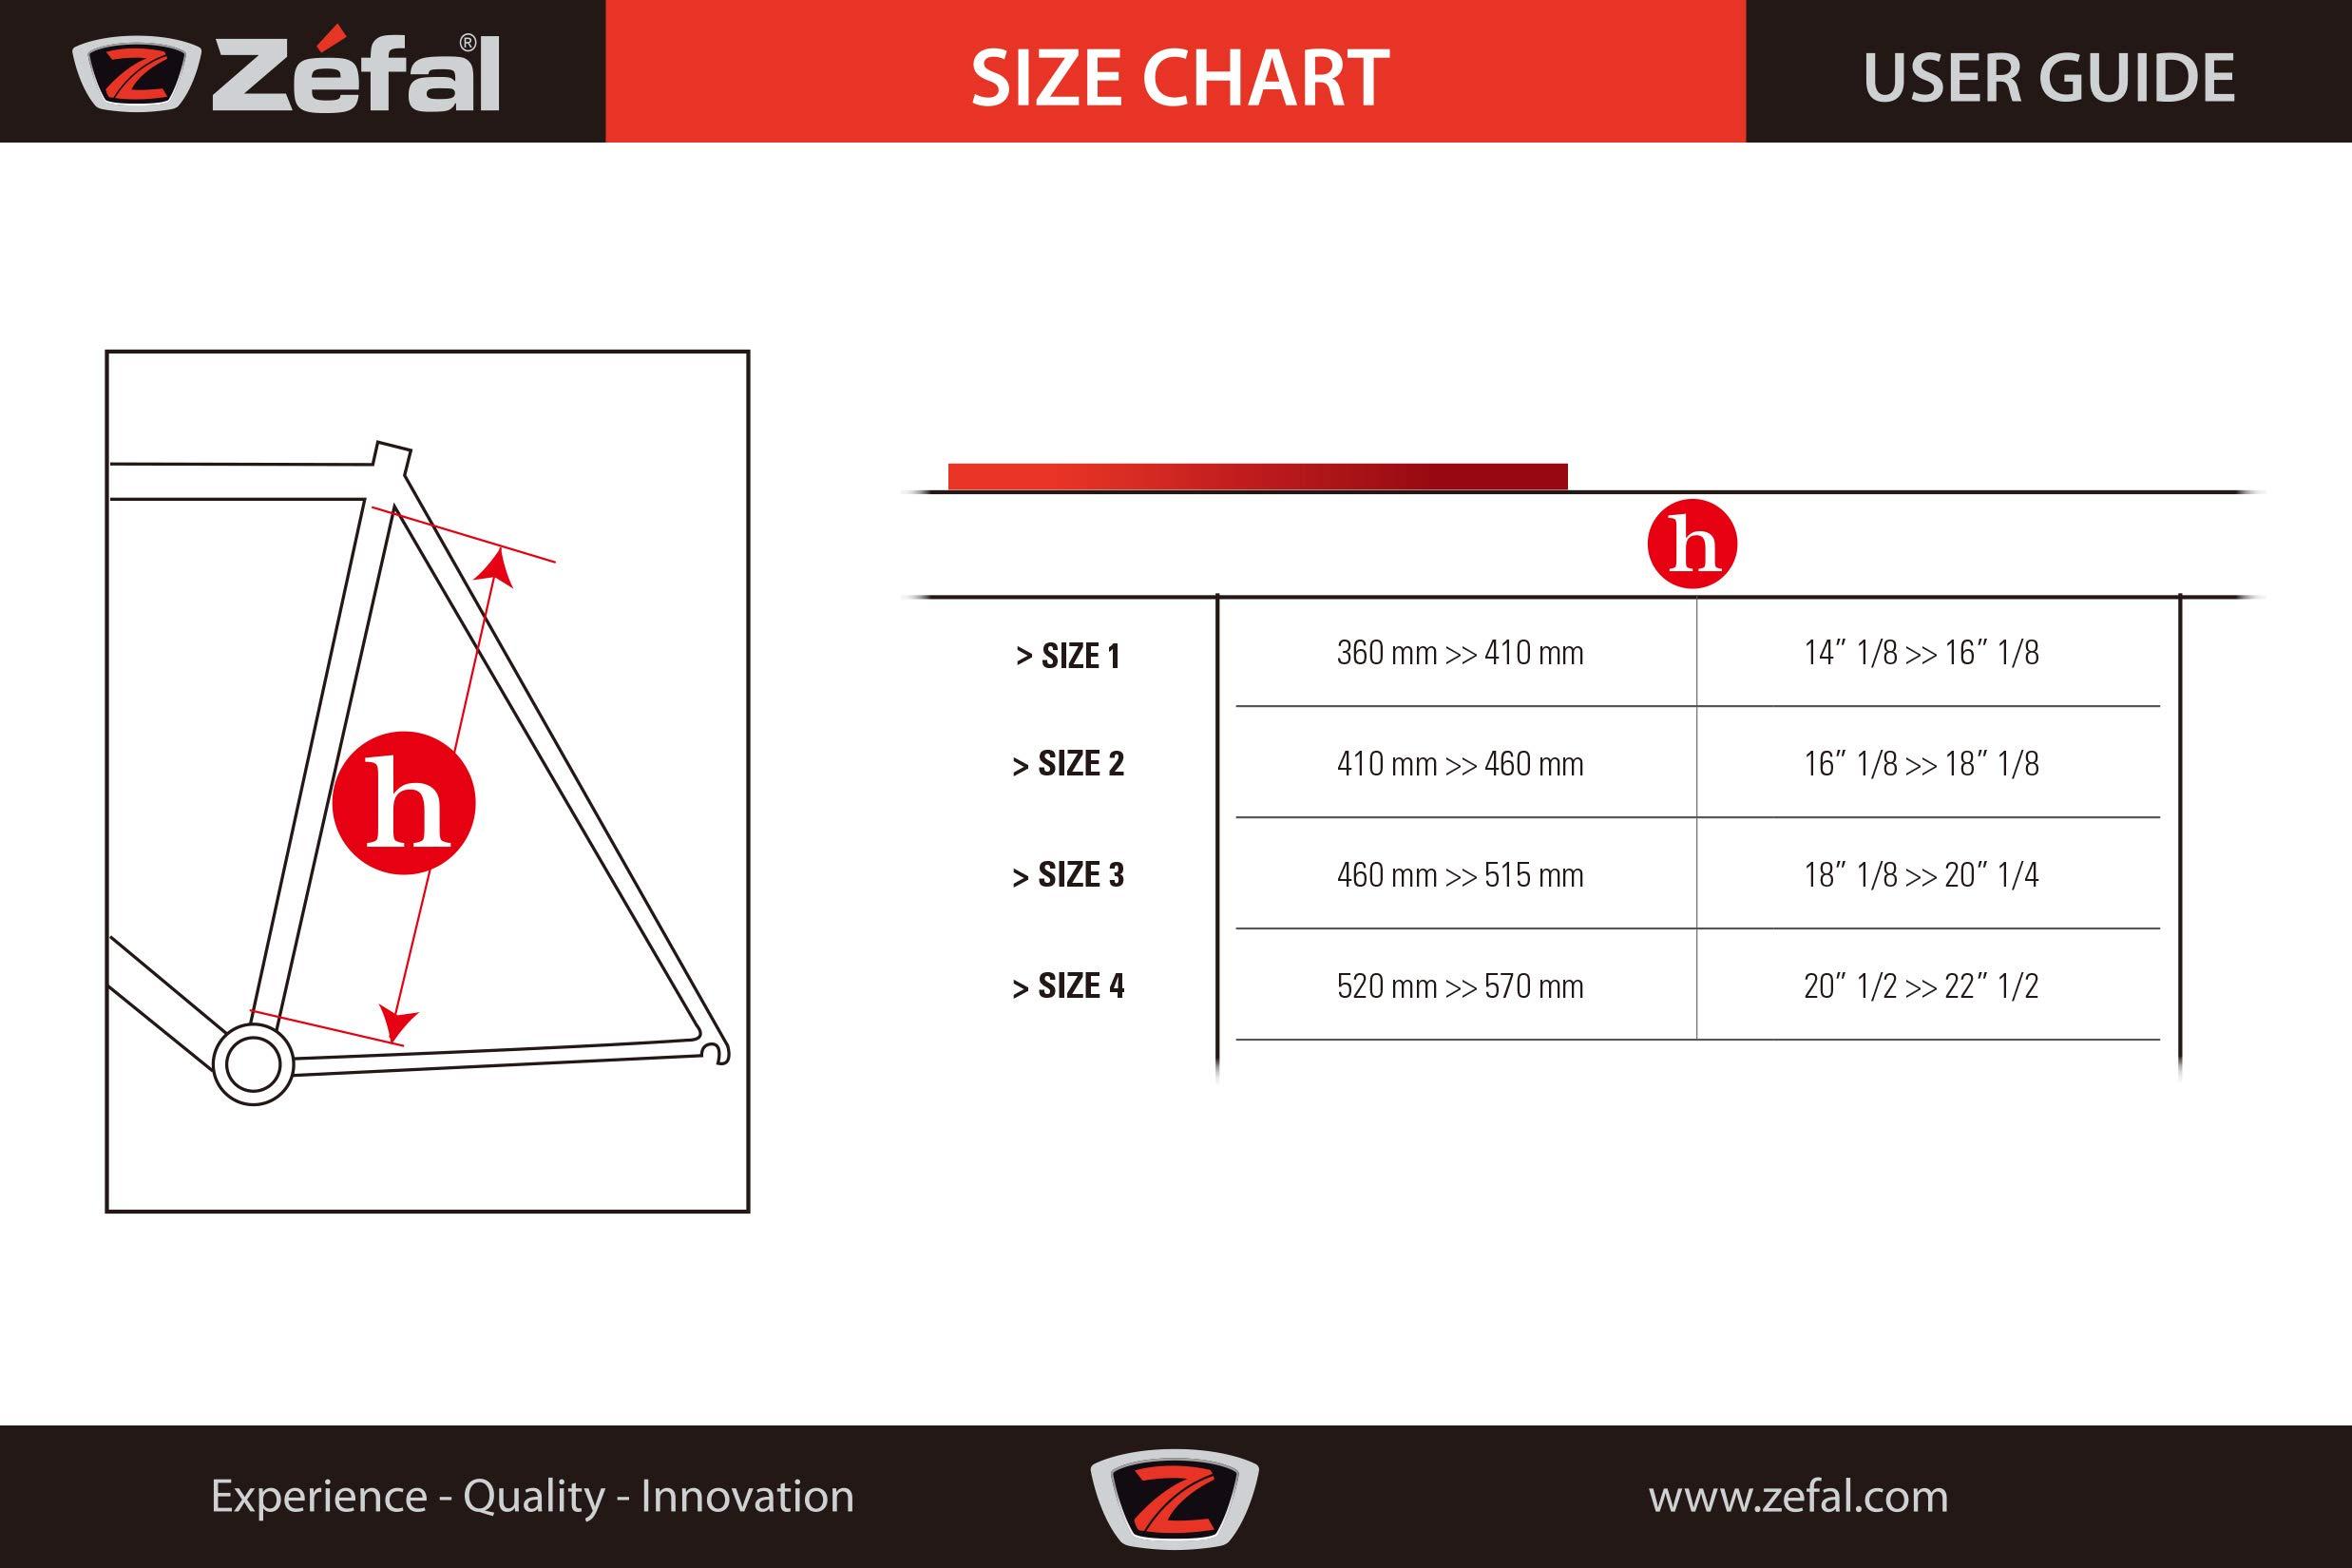 ZEFAL HPX - Bomba de Marco para Bicicletas, Color Plateado, Talla Size 3: Amazon.es: Deportes y aire libre